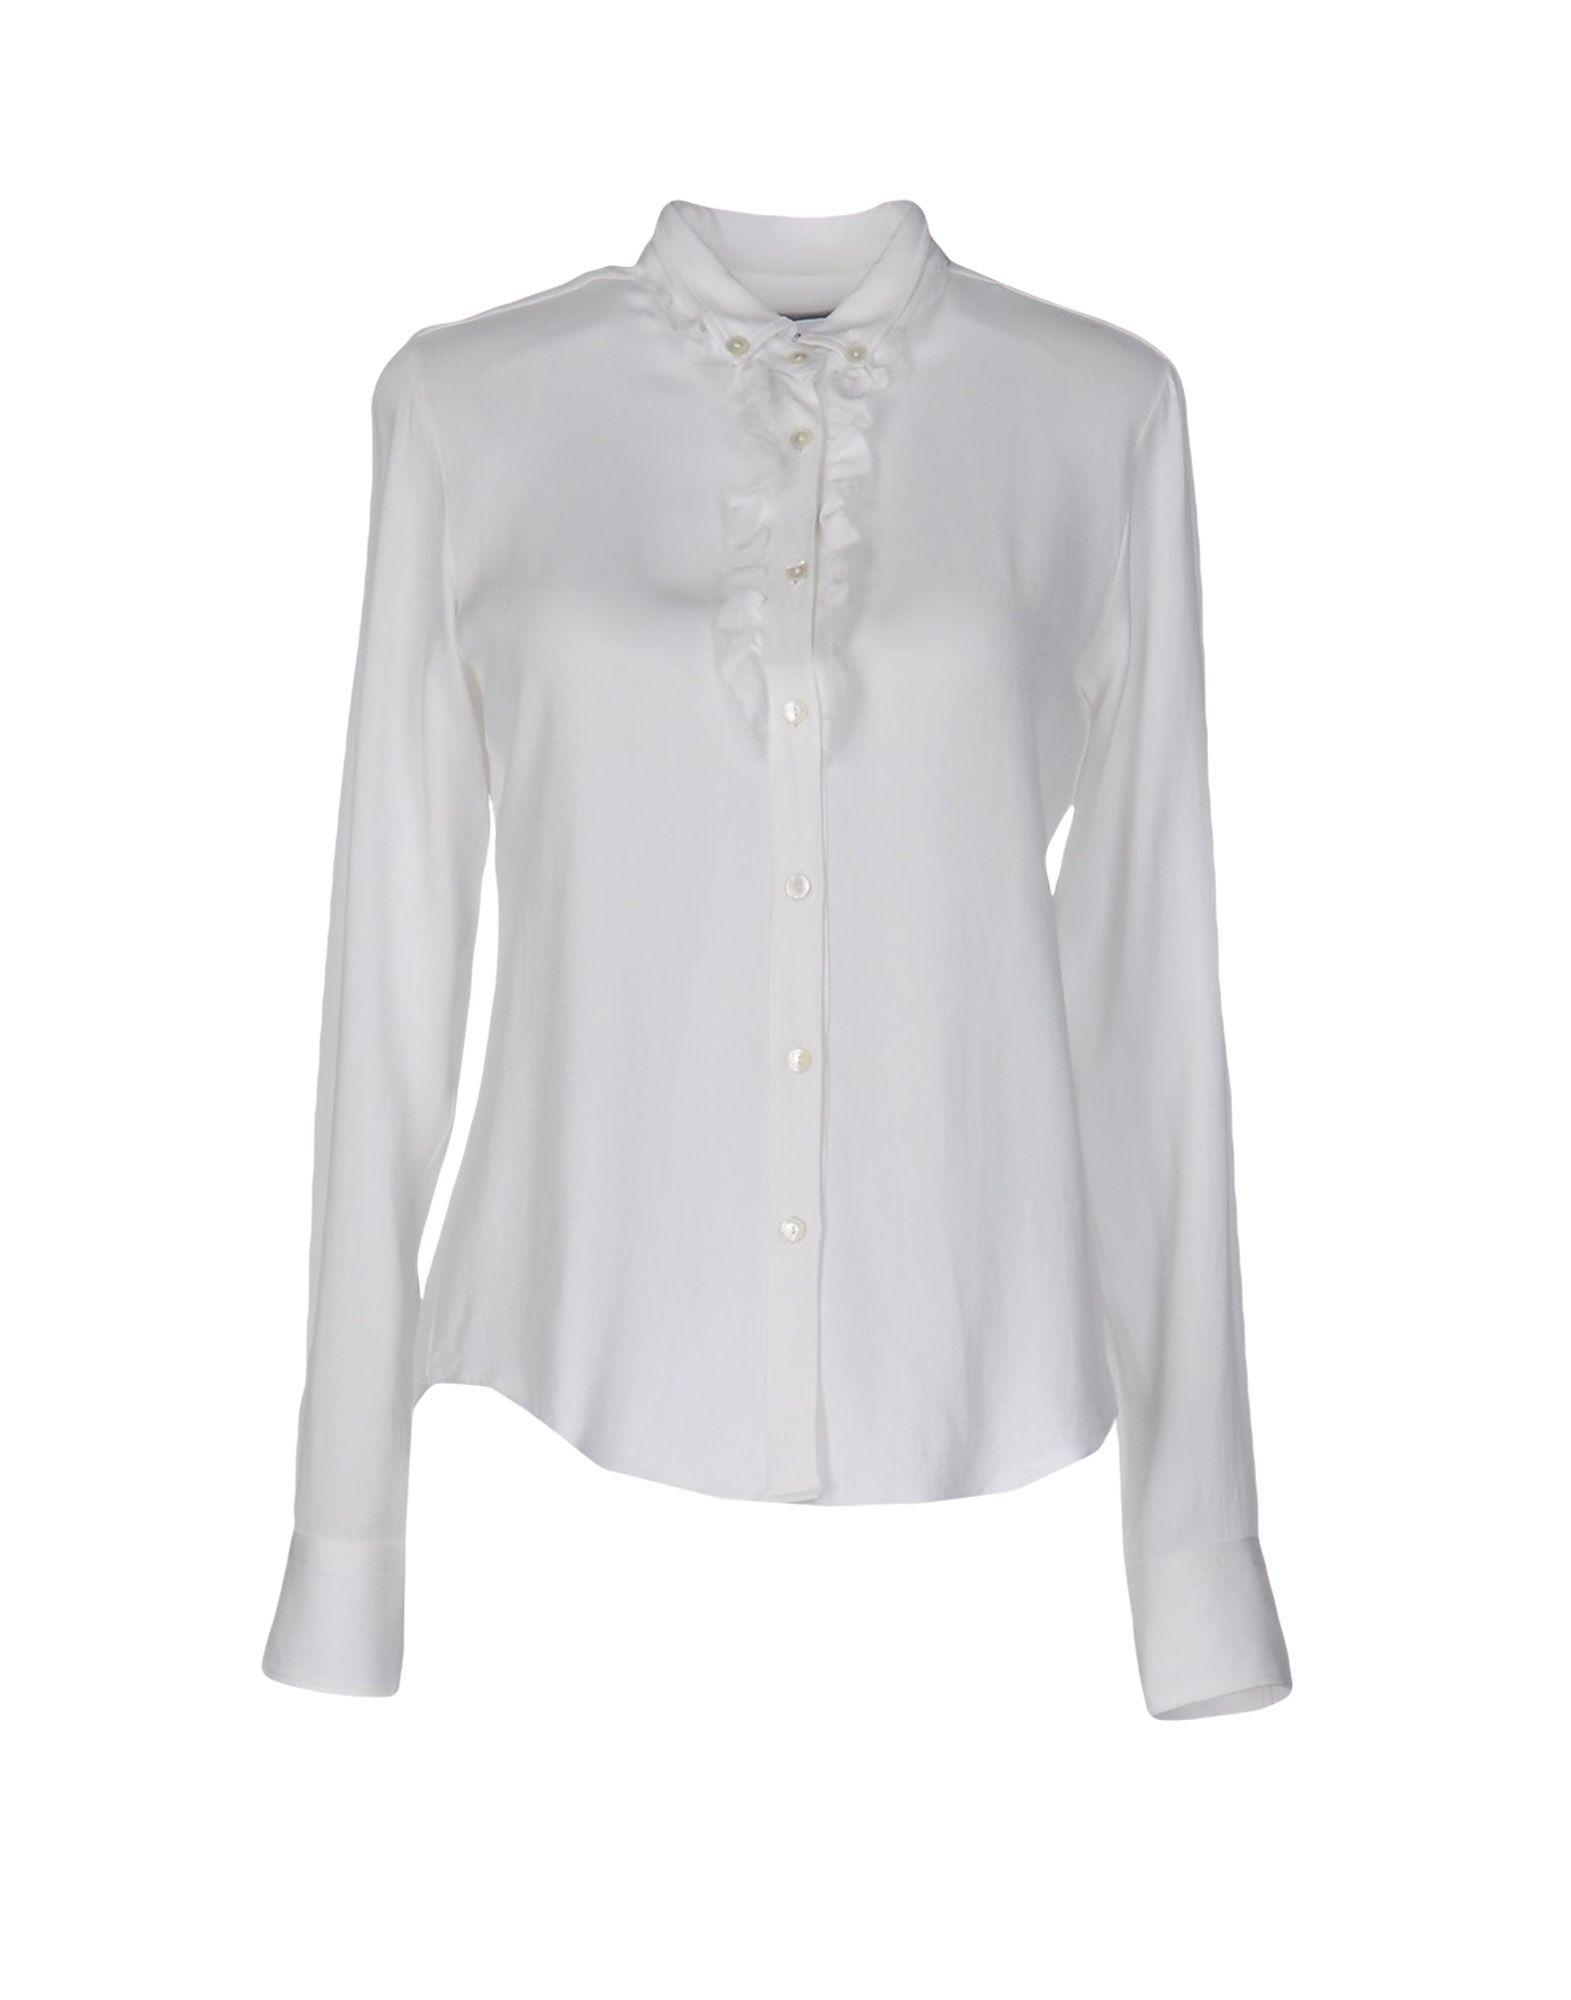 《送料無料》MAURO GRIFONI レディース シャツ ホワイト 42 シルク 100%